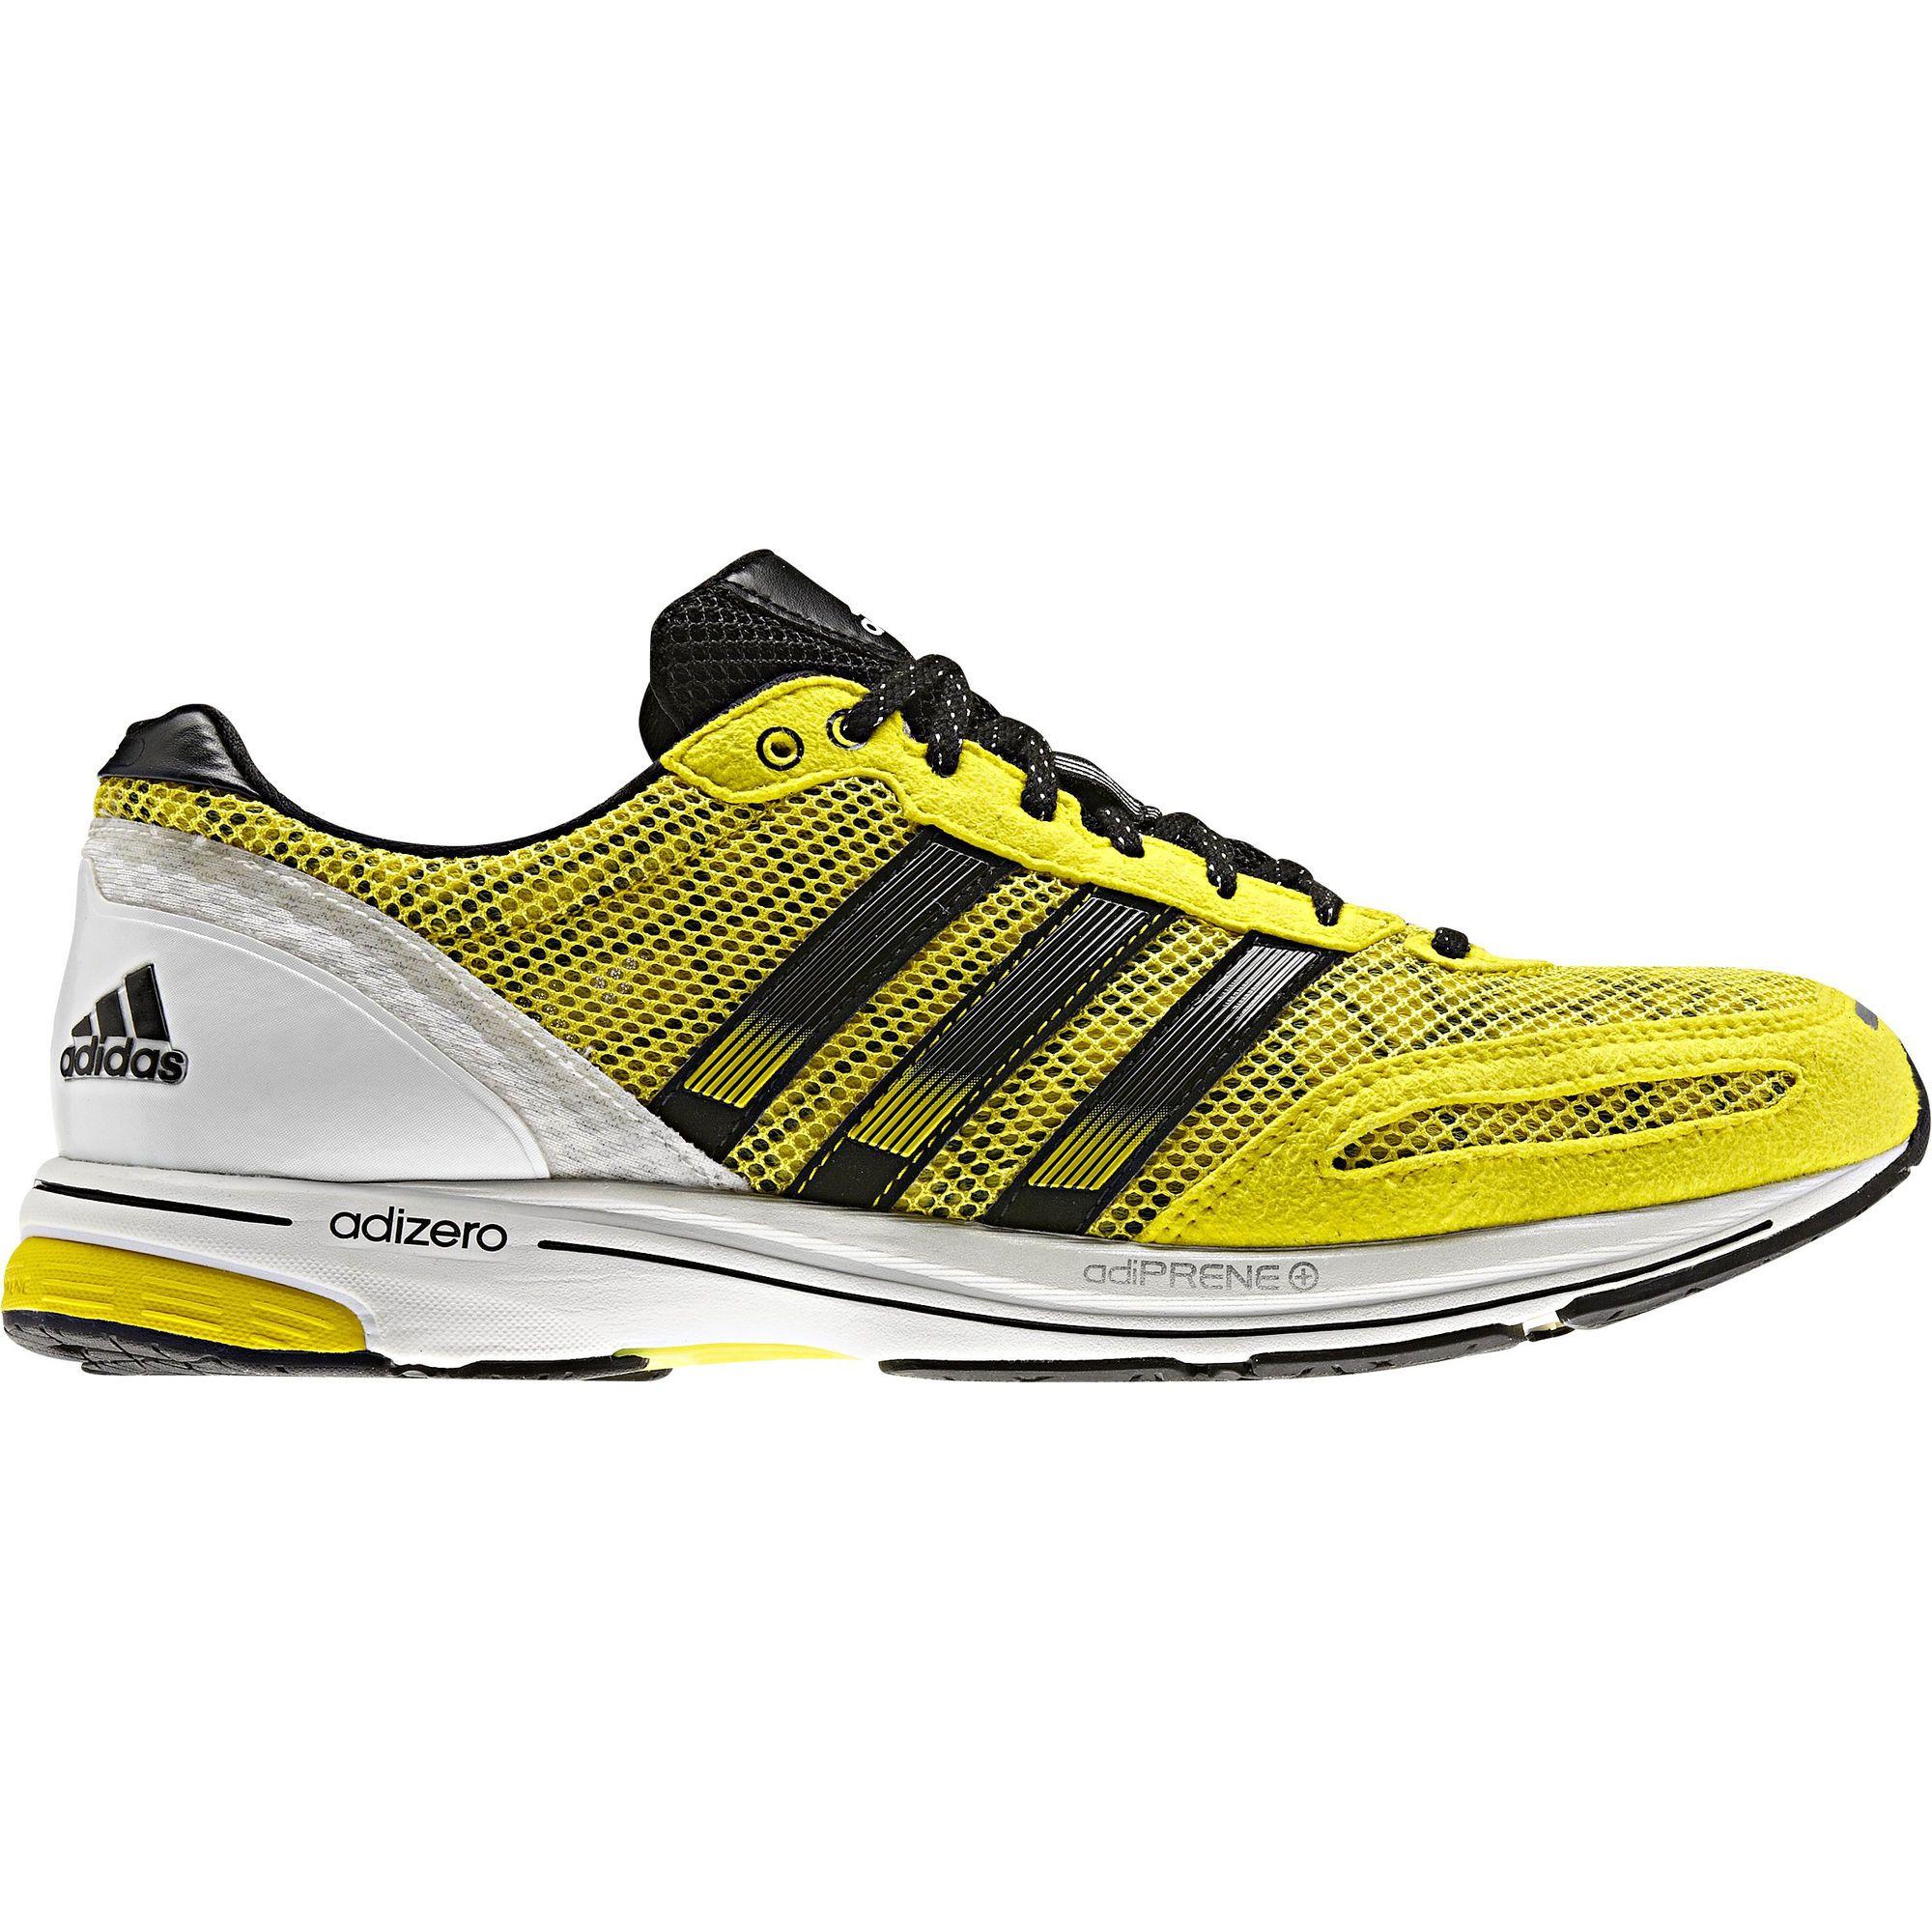 check out 96ac1 0b045 Adidas Adios Adizero 2